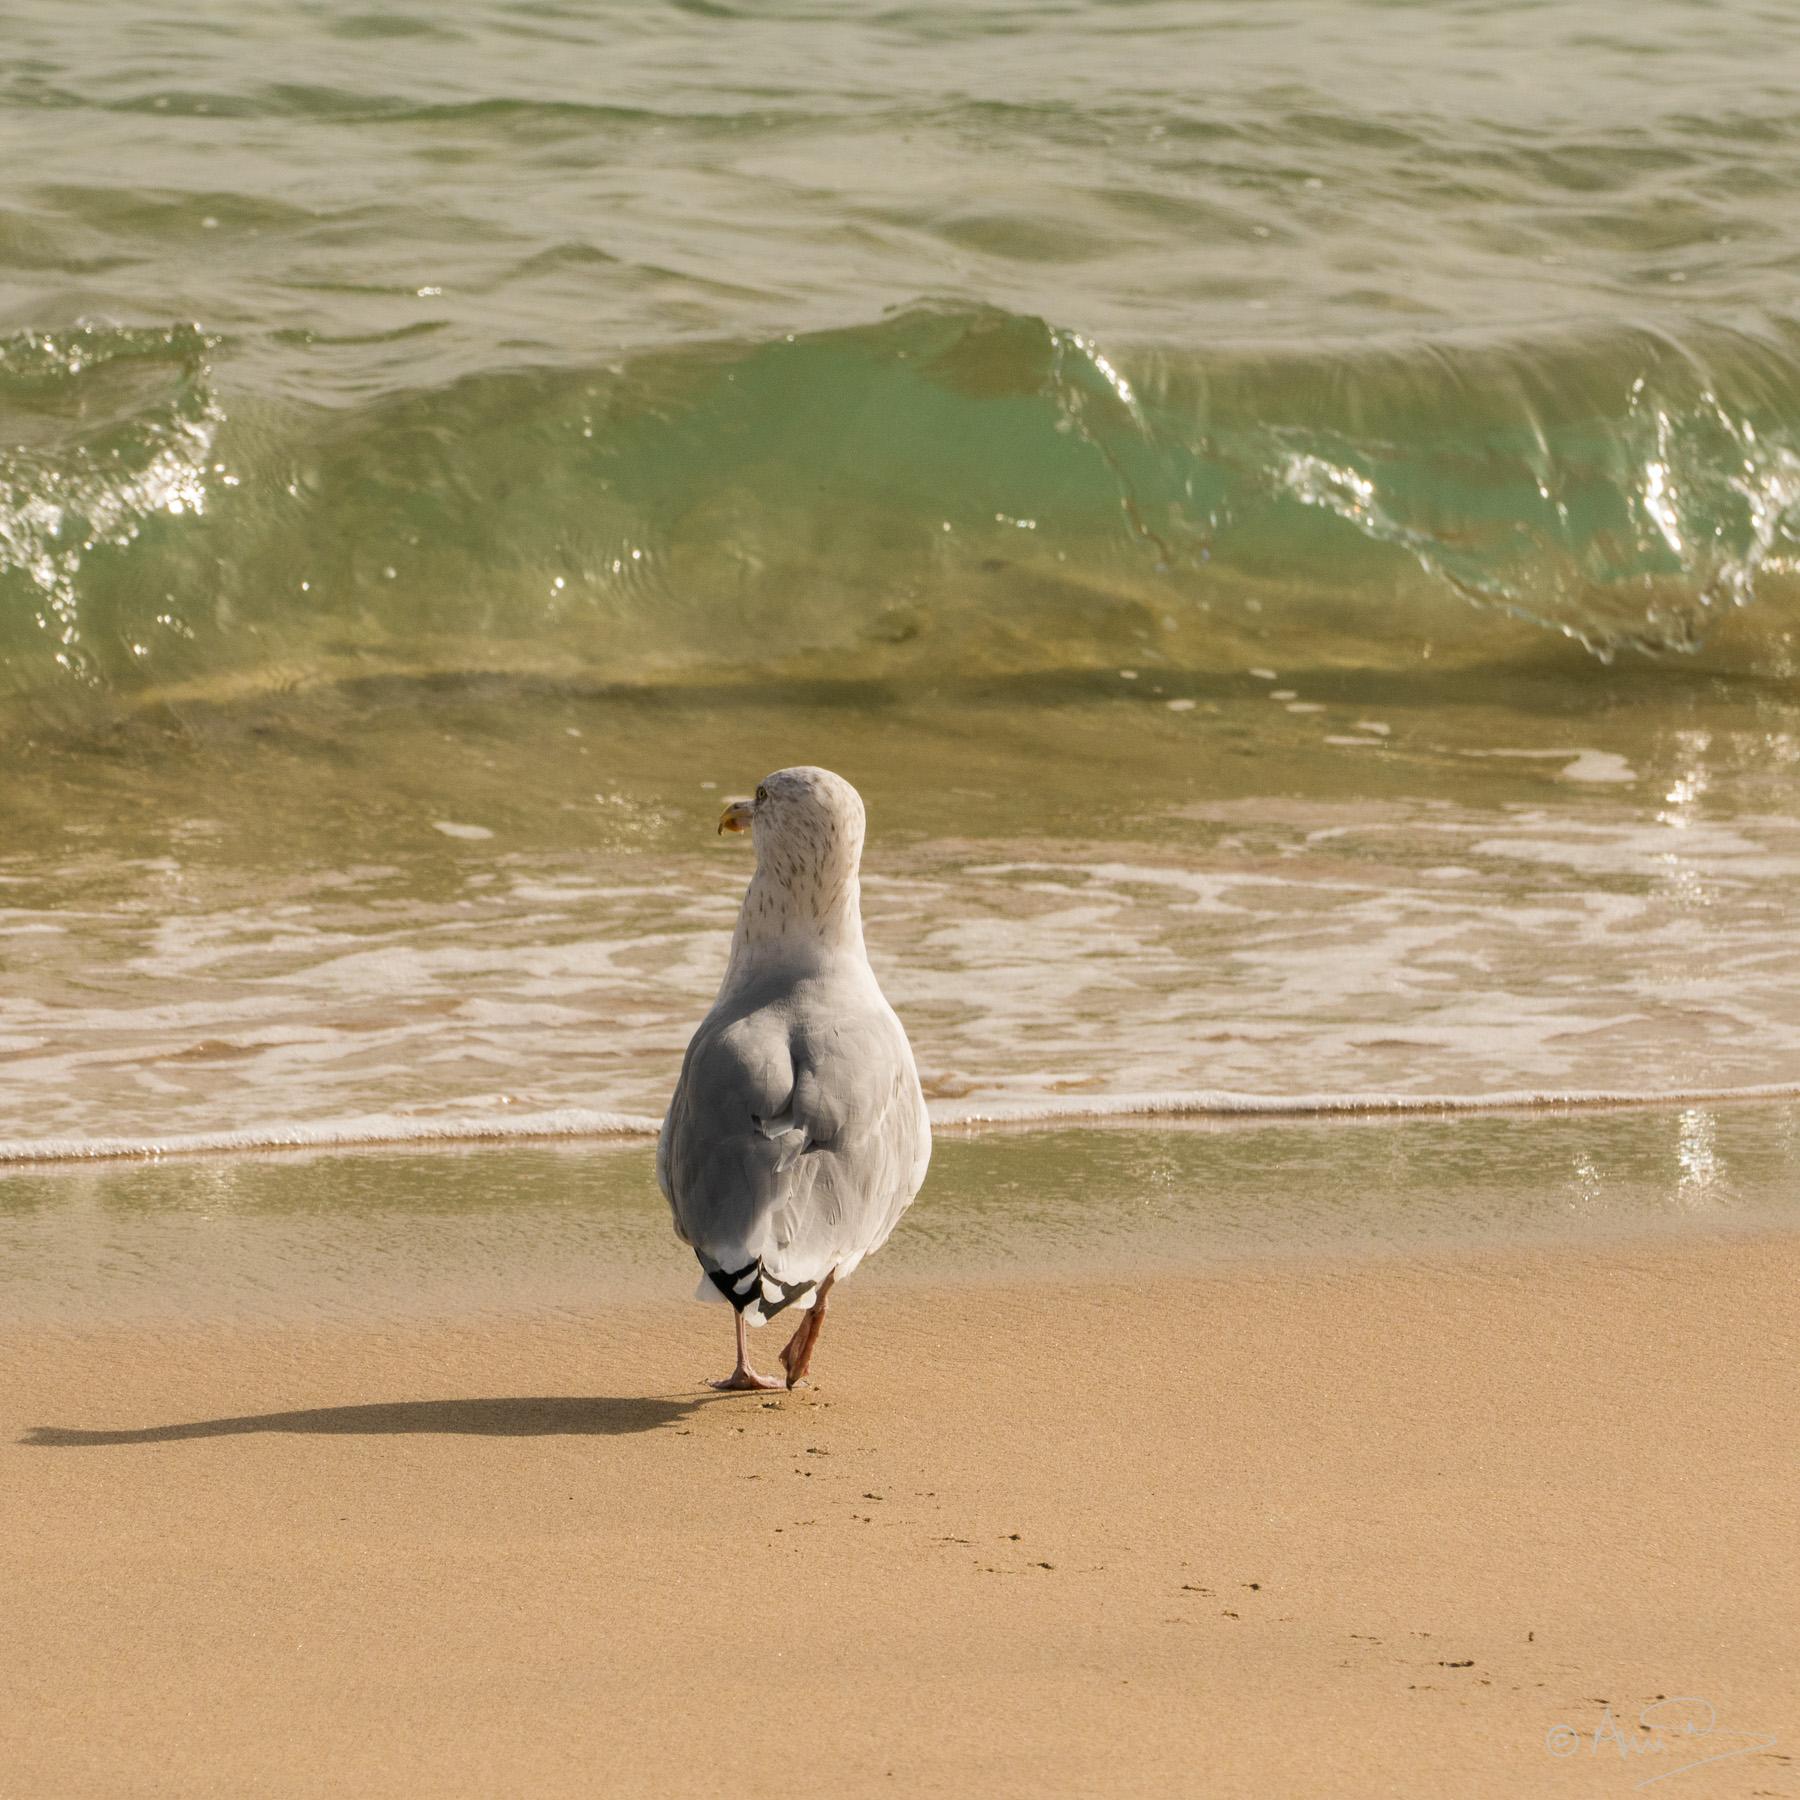 Strolling gull.